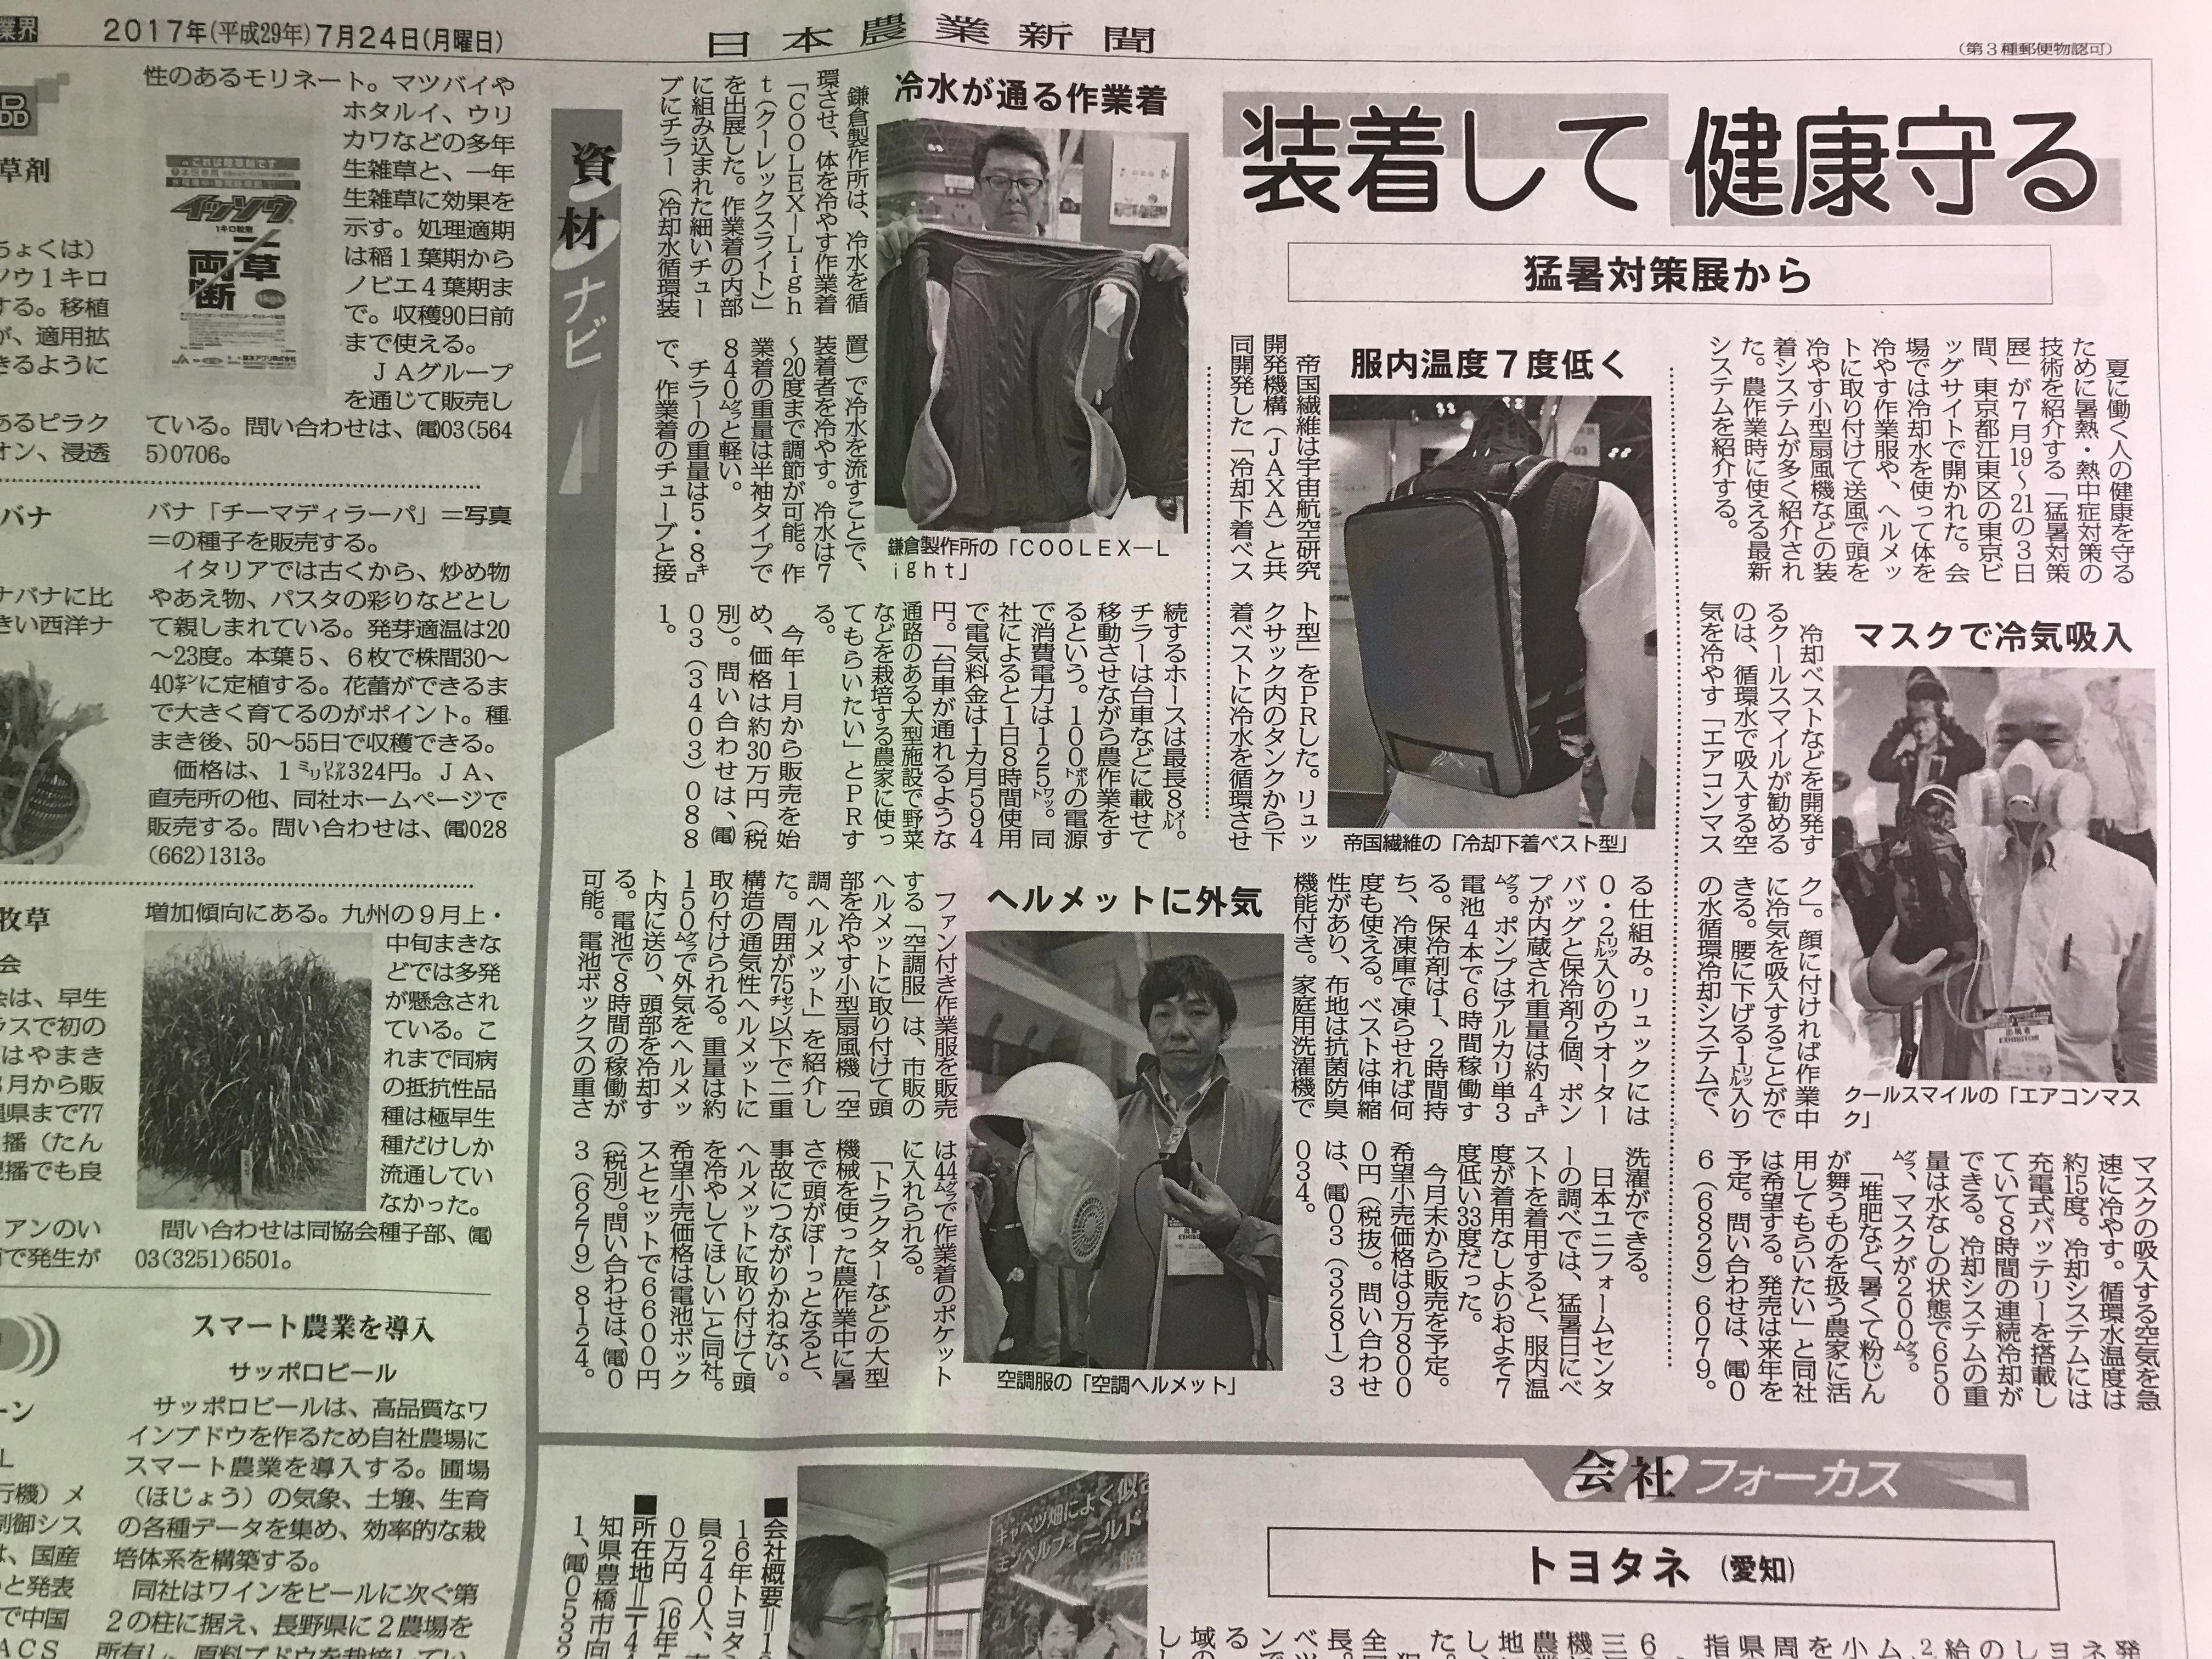 2017年7月24日 日本農業新聞にエアコンマスクが紹介されました。